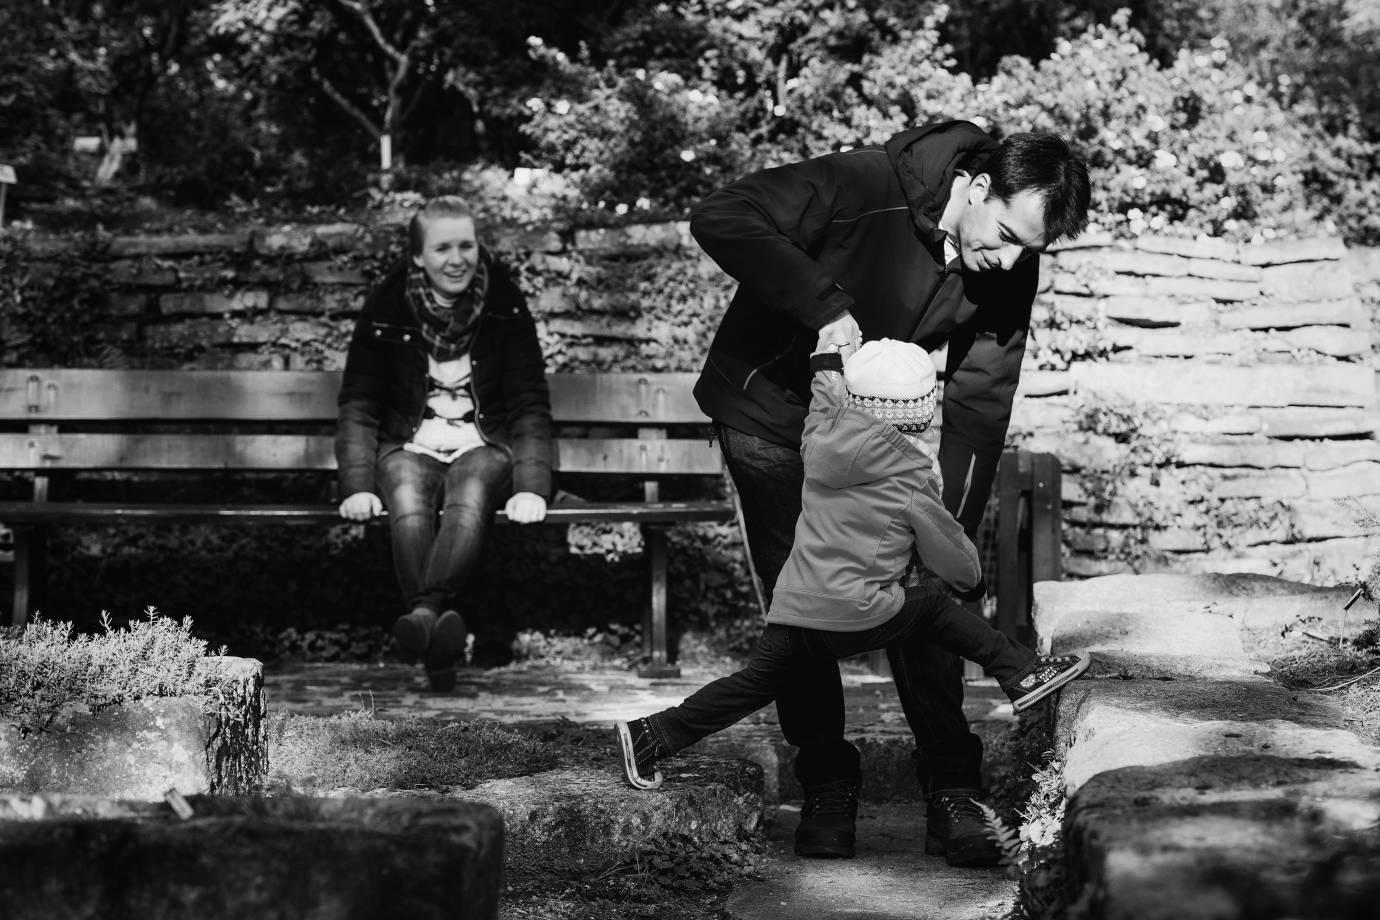 familienfotos bremen 03 - Familienfotos von Juliane+Jan